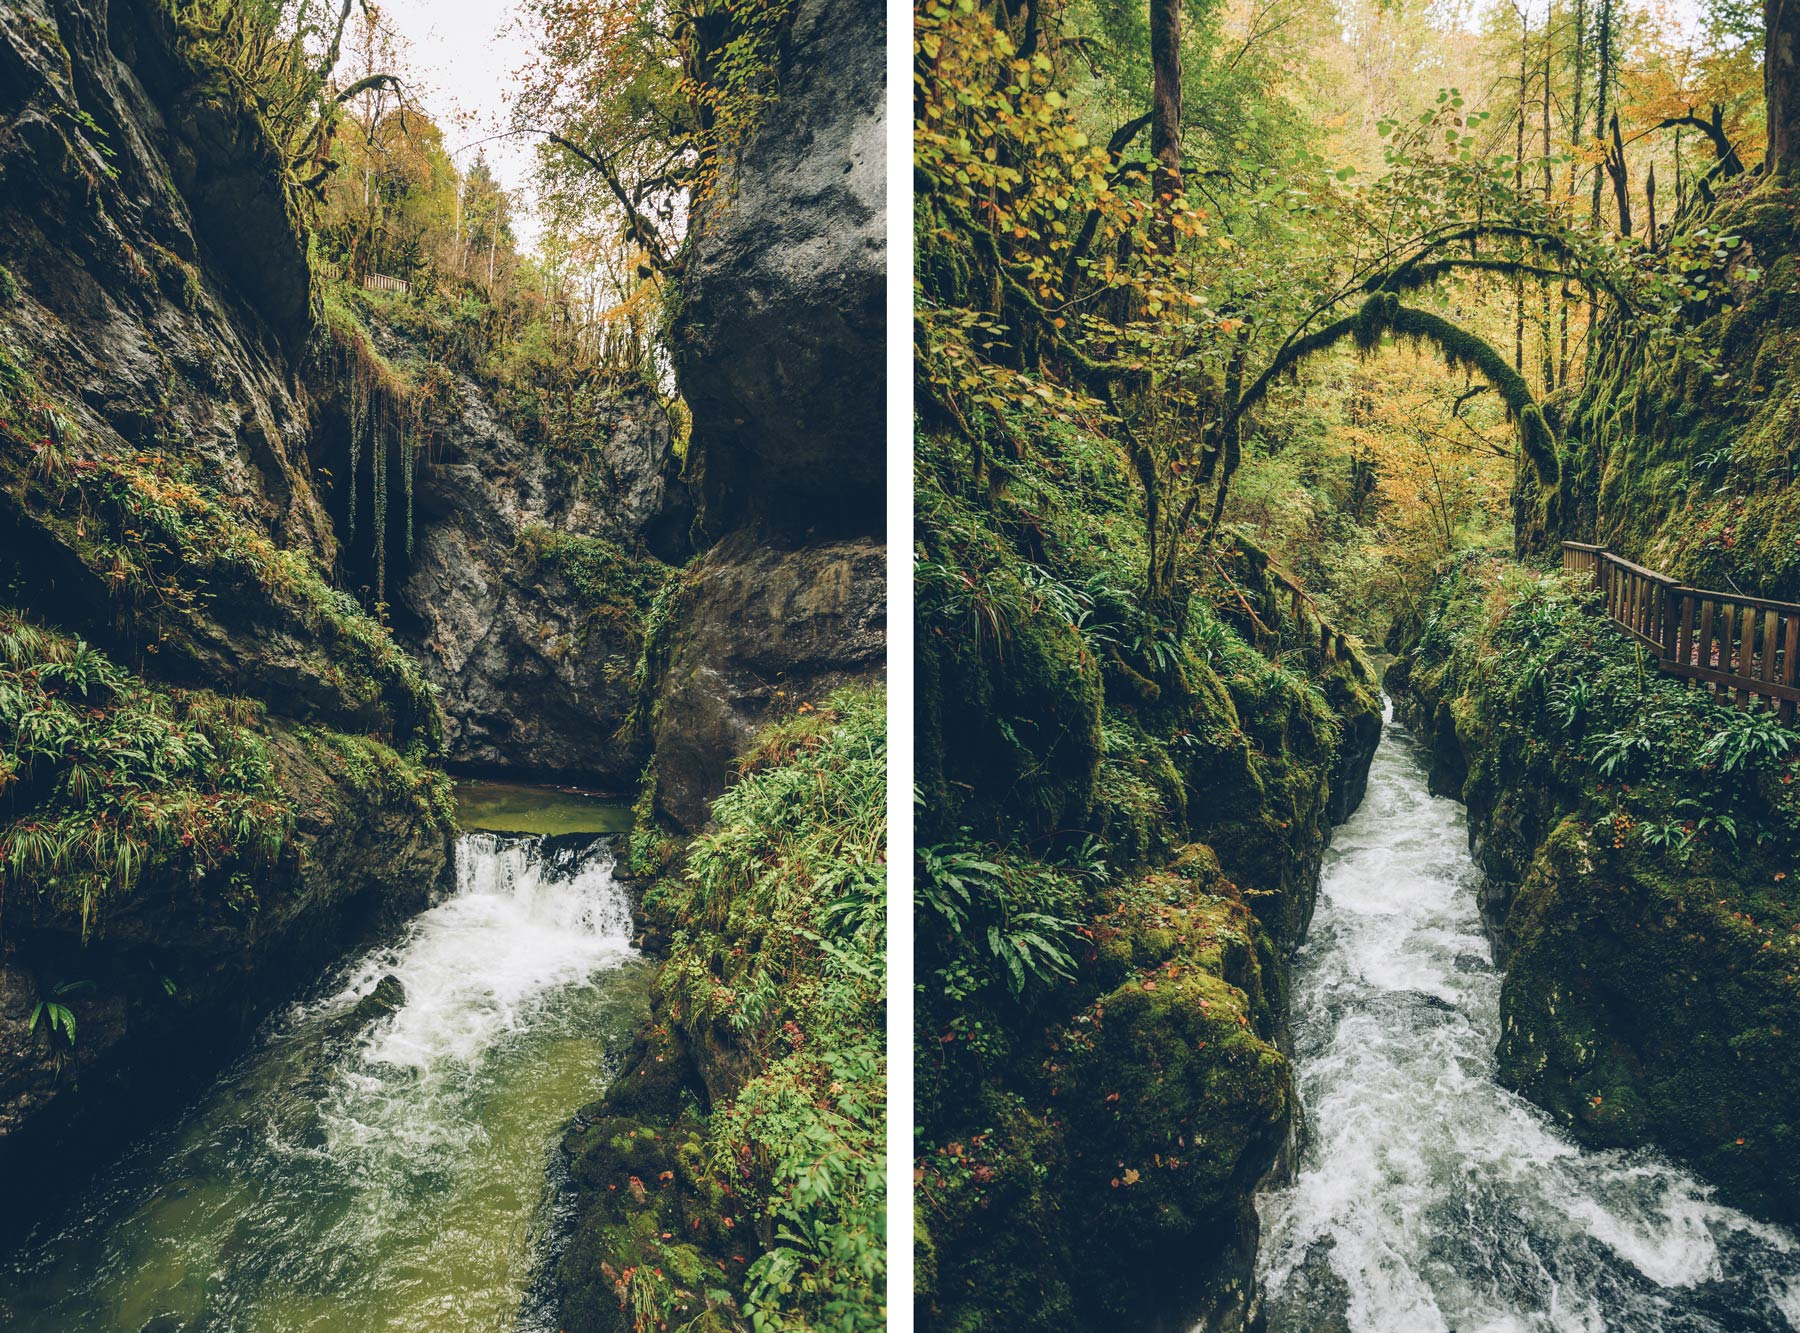 Gorges de l'Abime, Jura